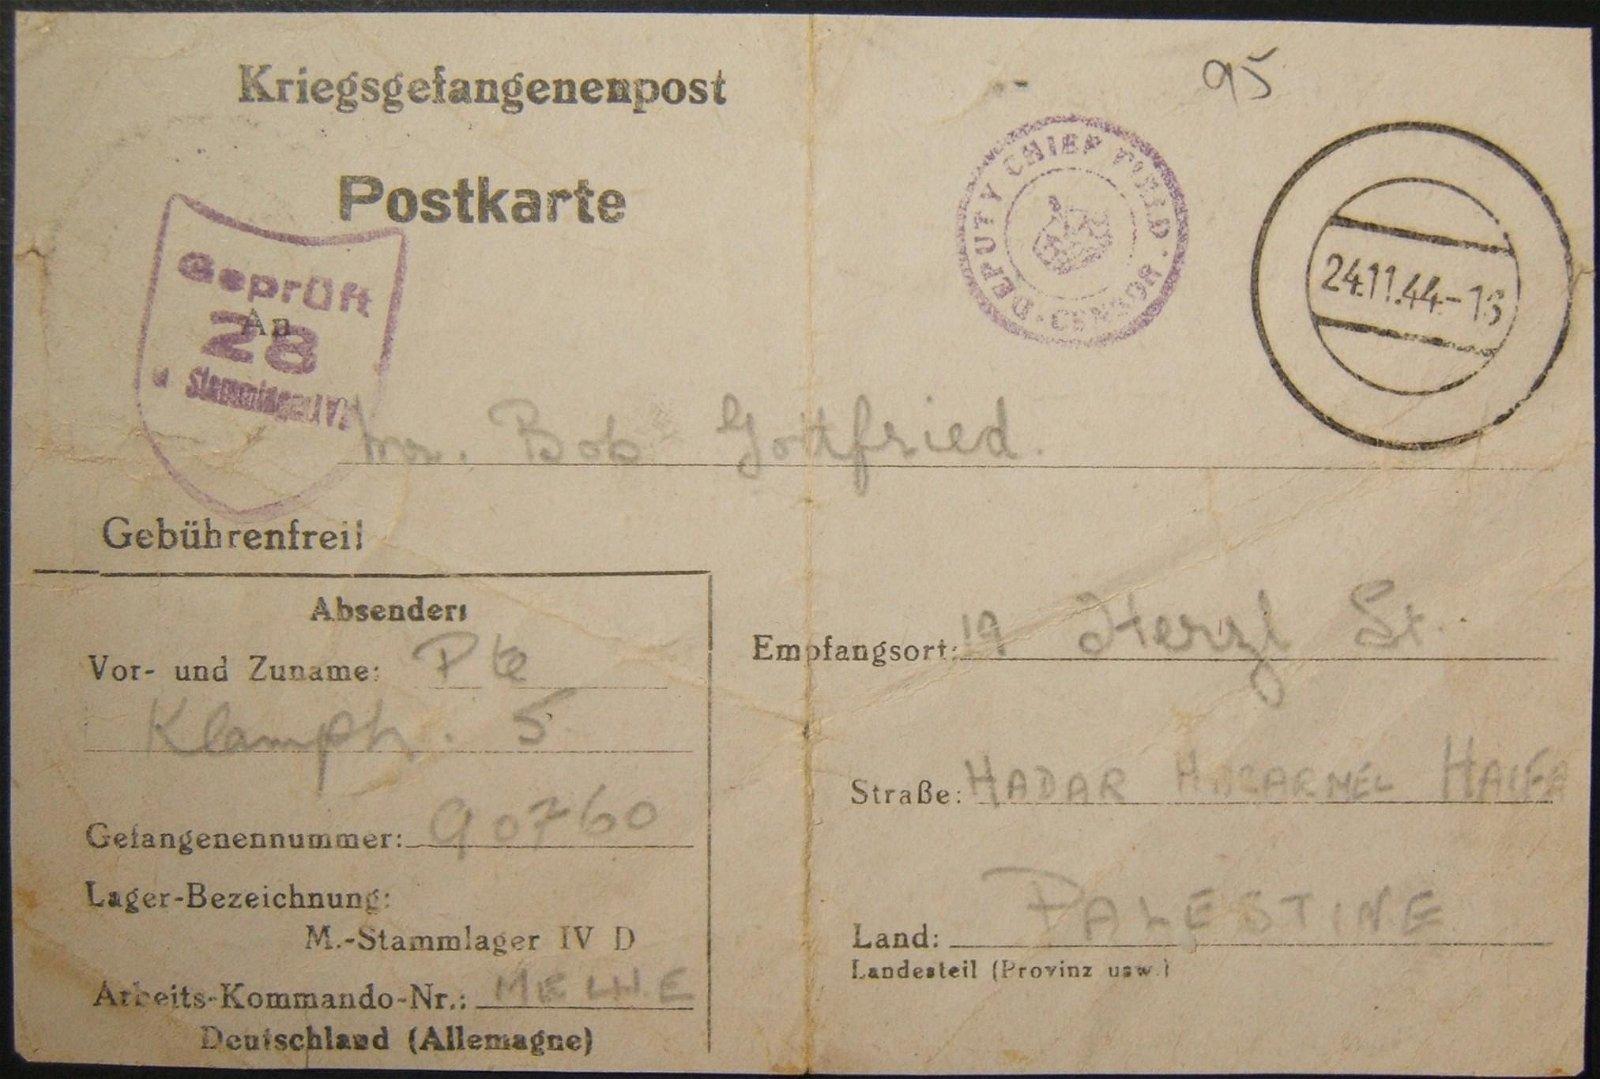 11/1944 WWII/Holocaust-era Jewish POW mail from Germany